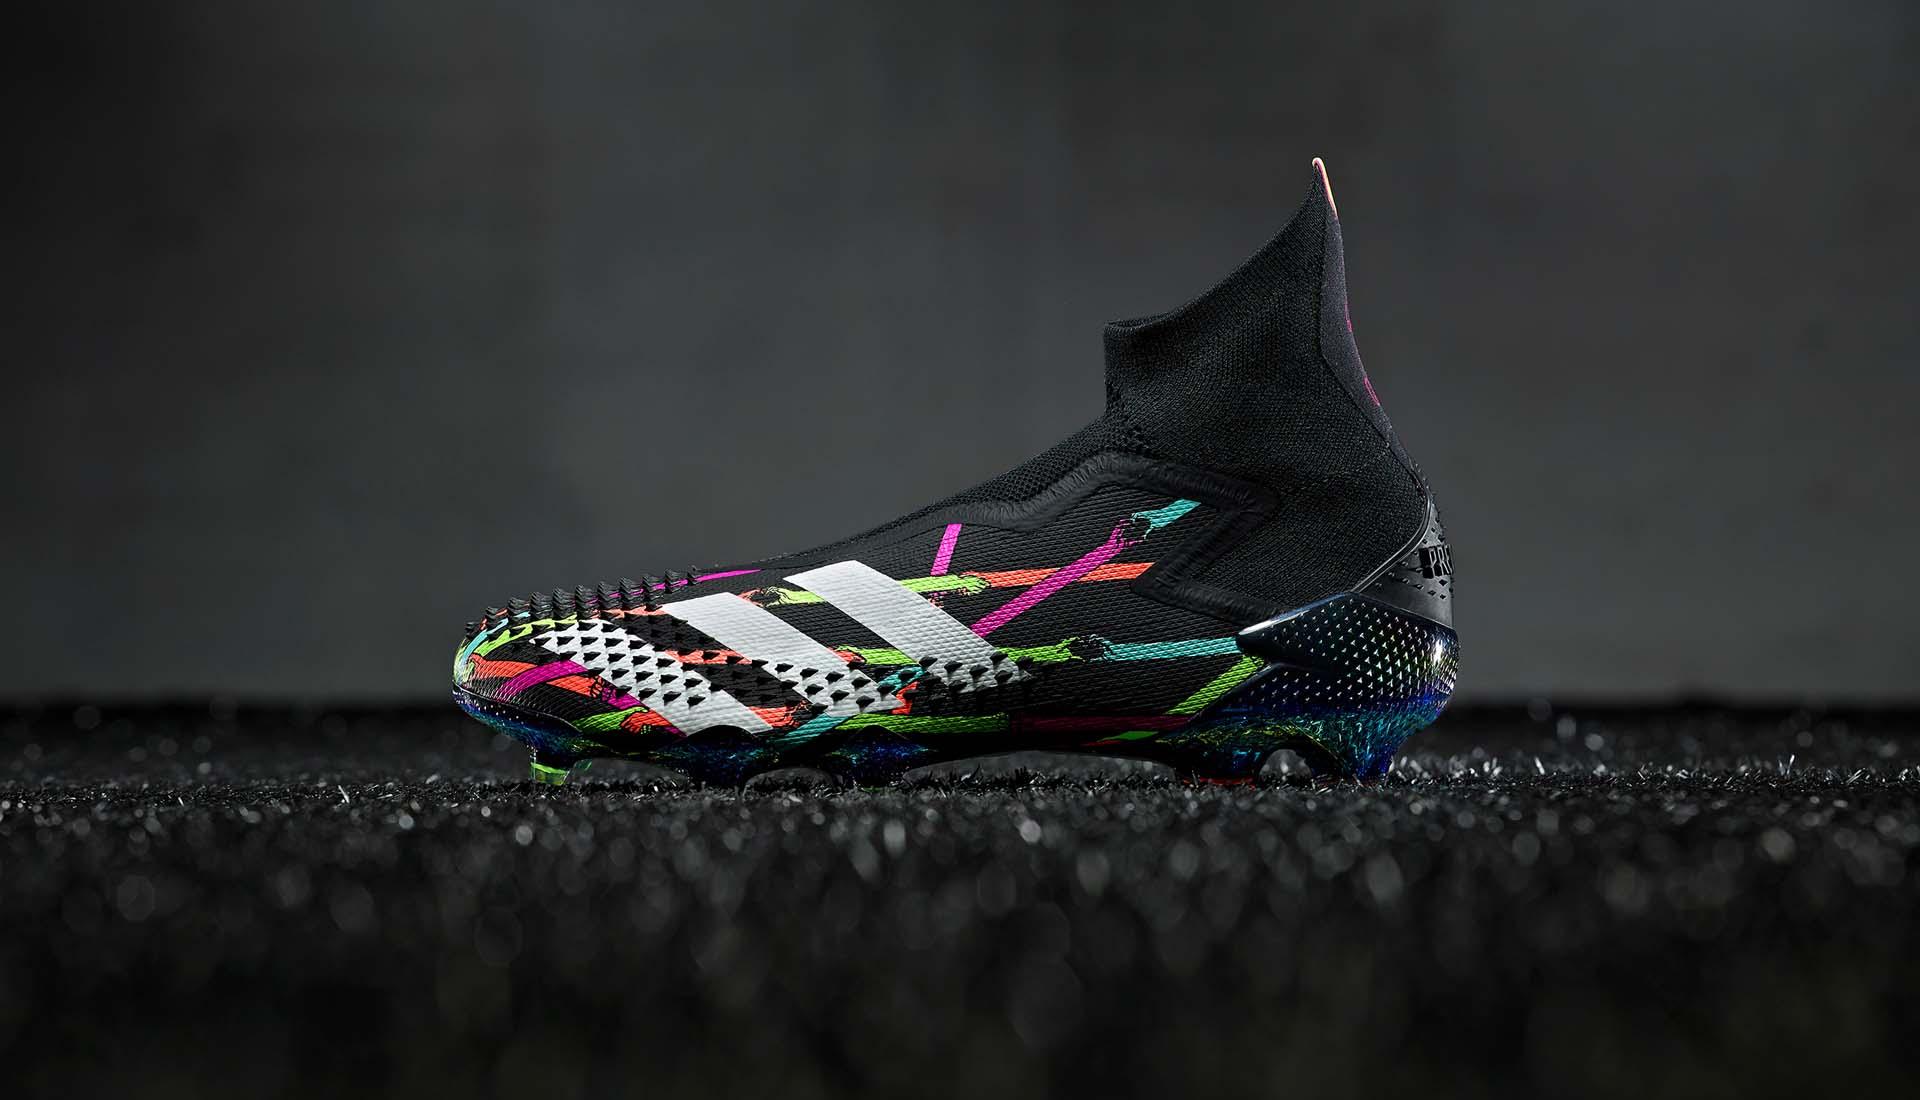 Adidas Predator Dangoor Reveal là sản phẩm được thiết kế với sự hợp tác giữa các nghệ sĩ và Adidas